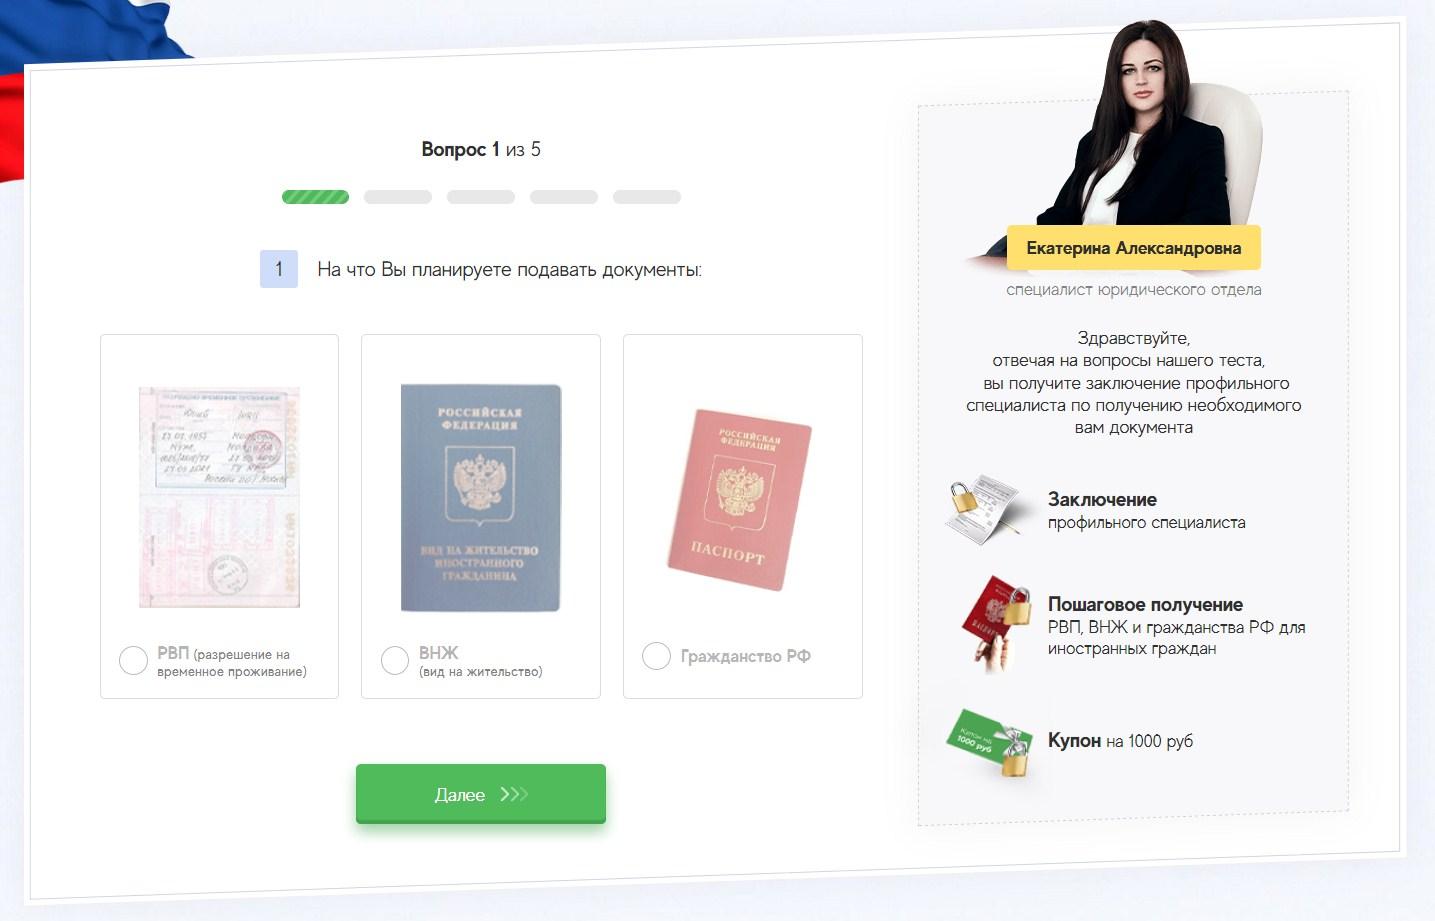 квиз получение документов